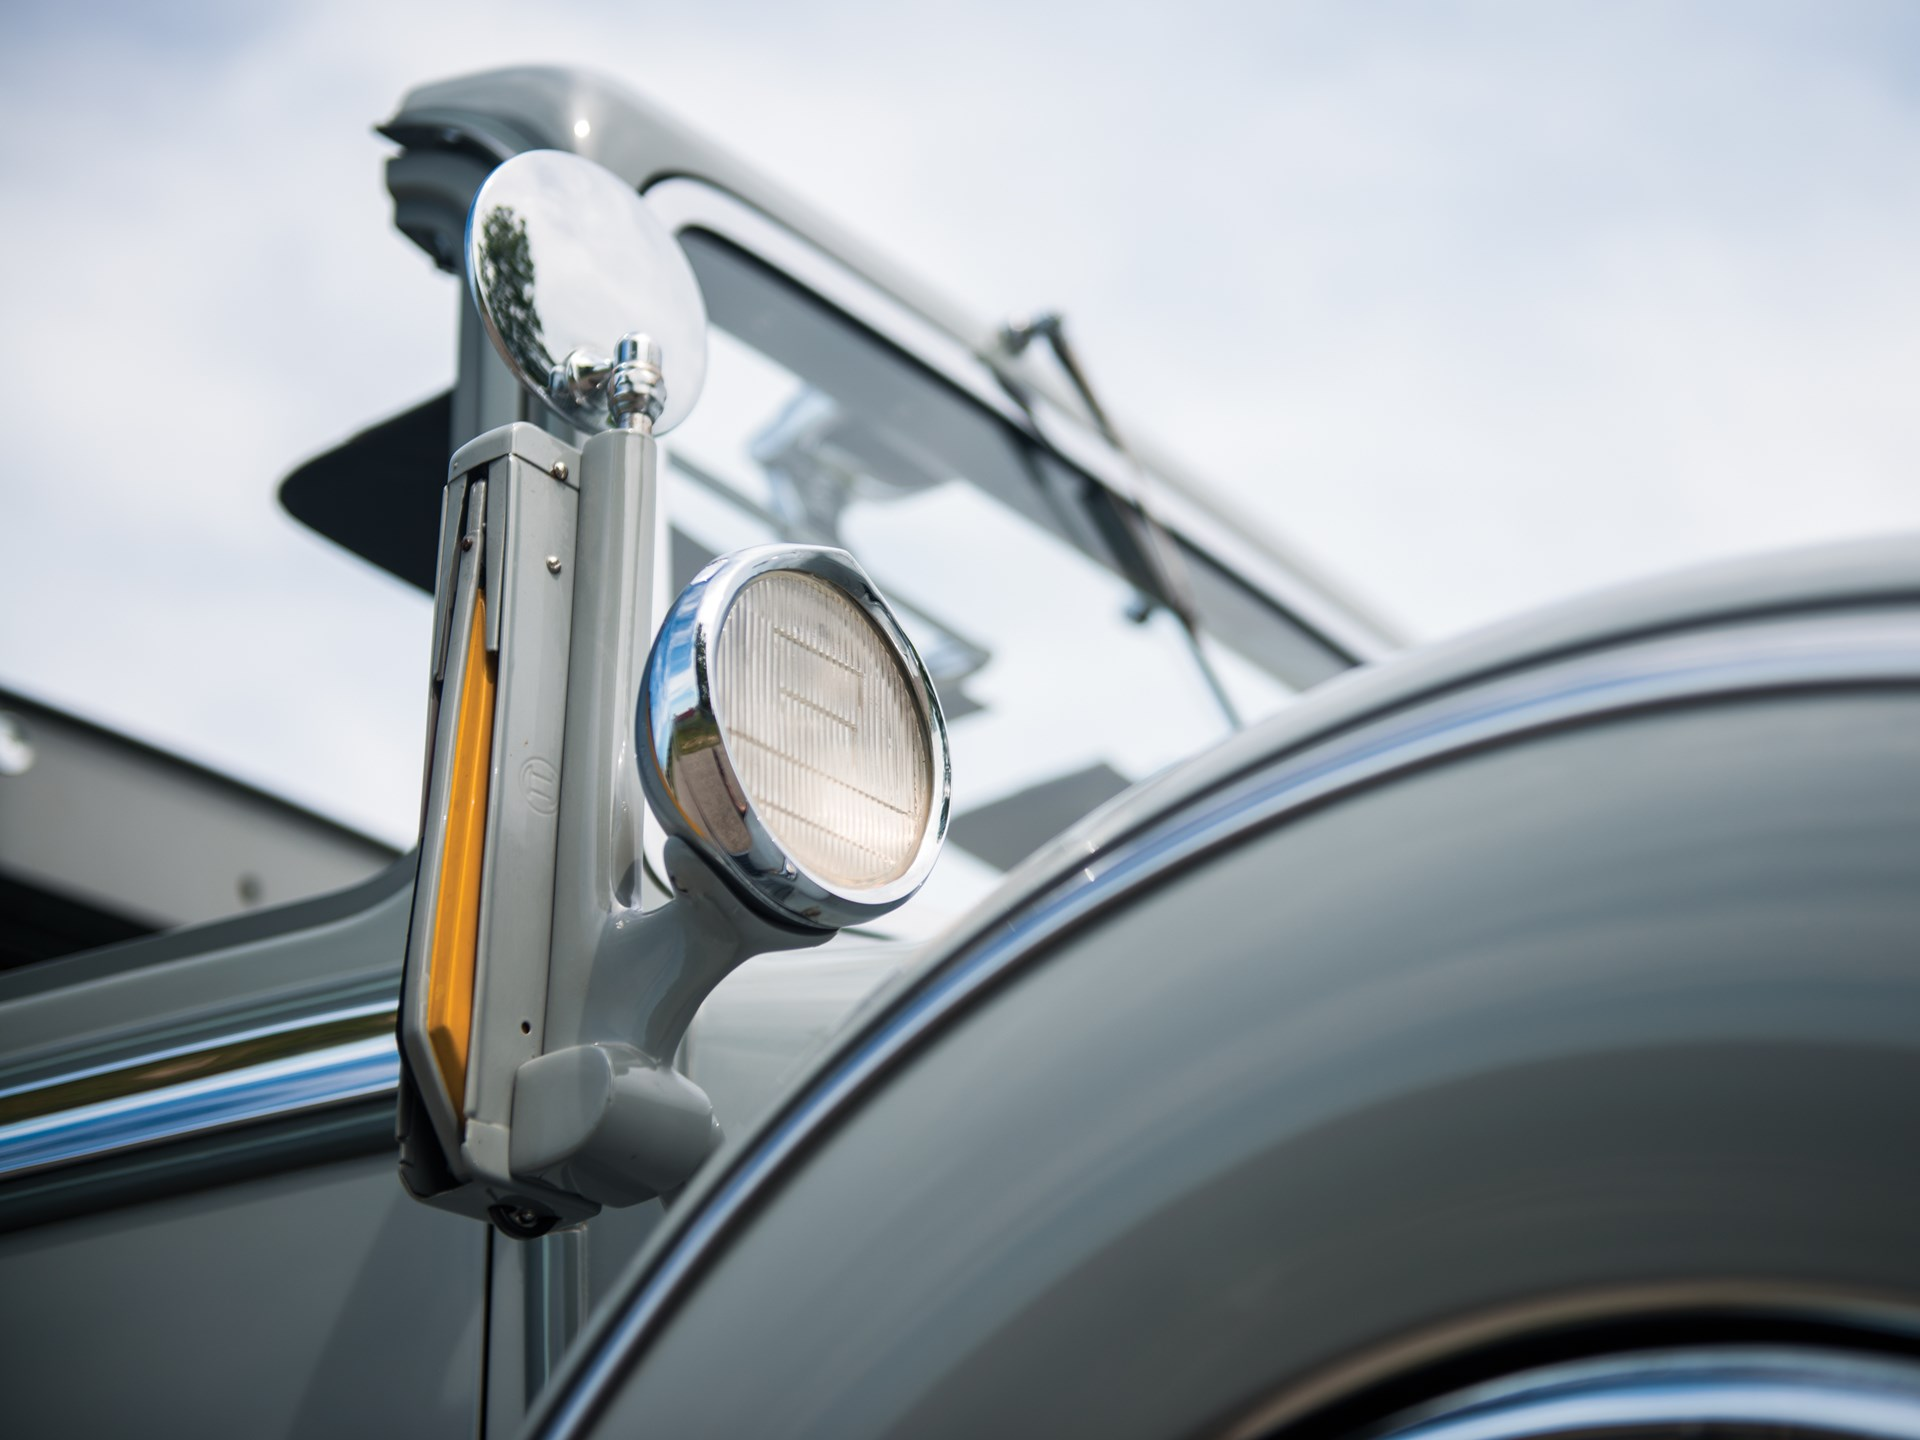 1932 Duesenberg Model J Town Car by Kirchhoff